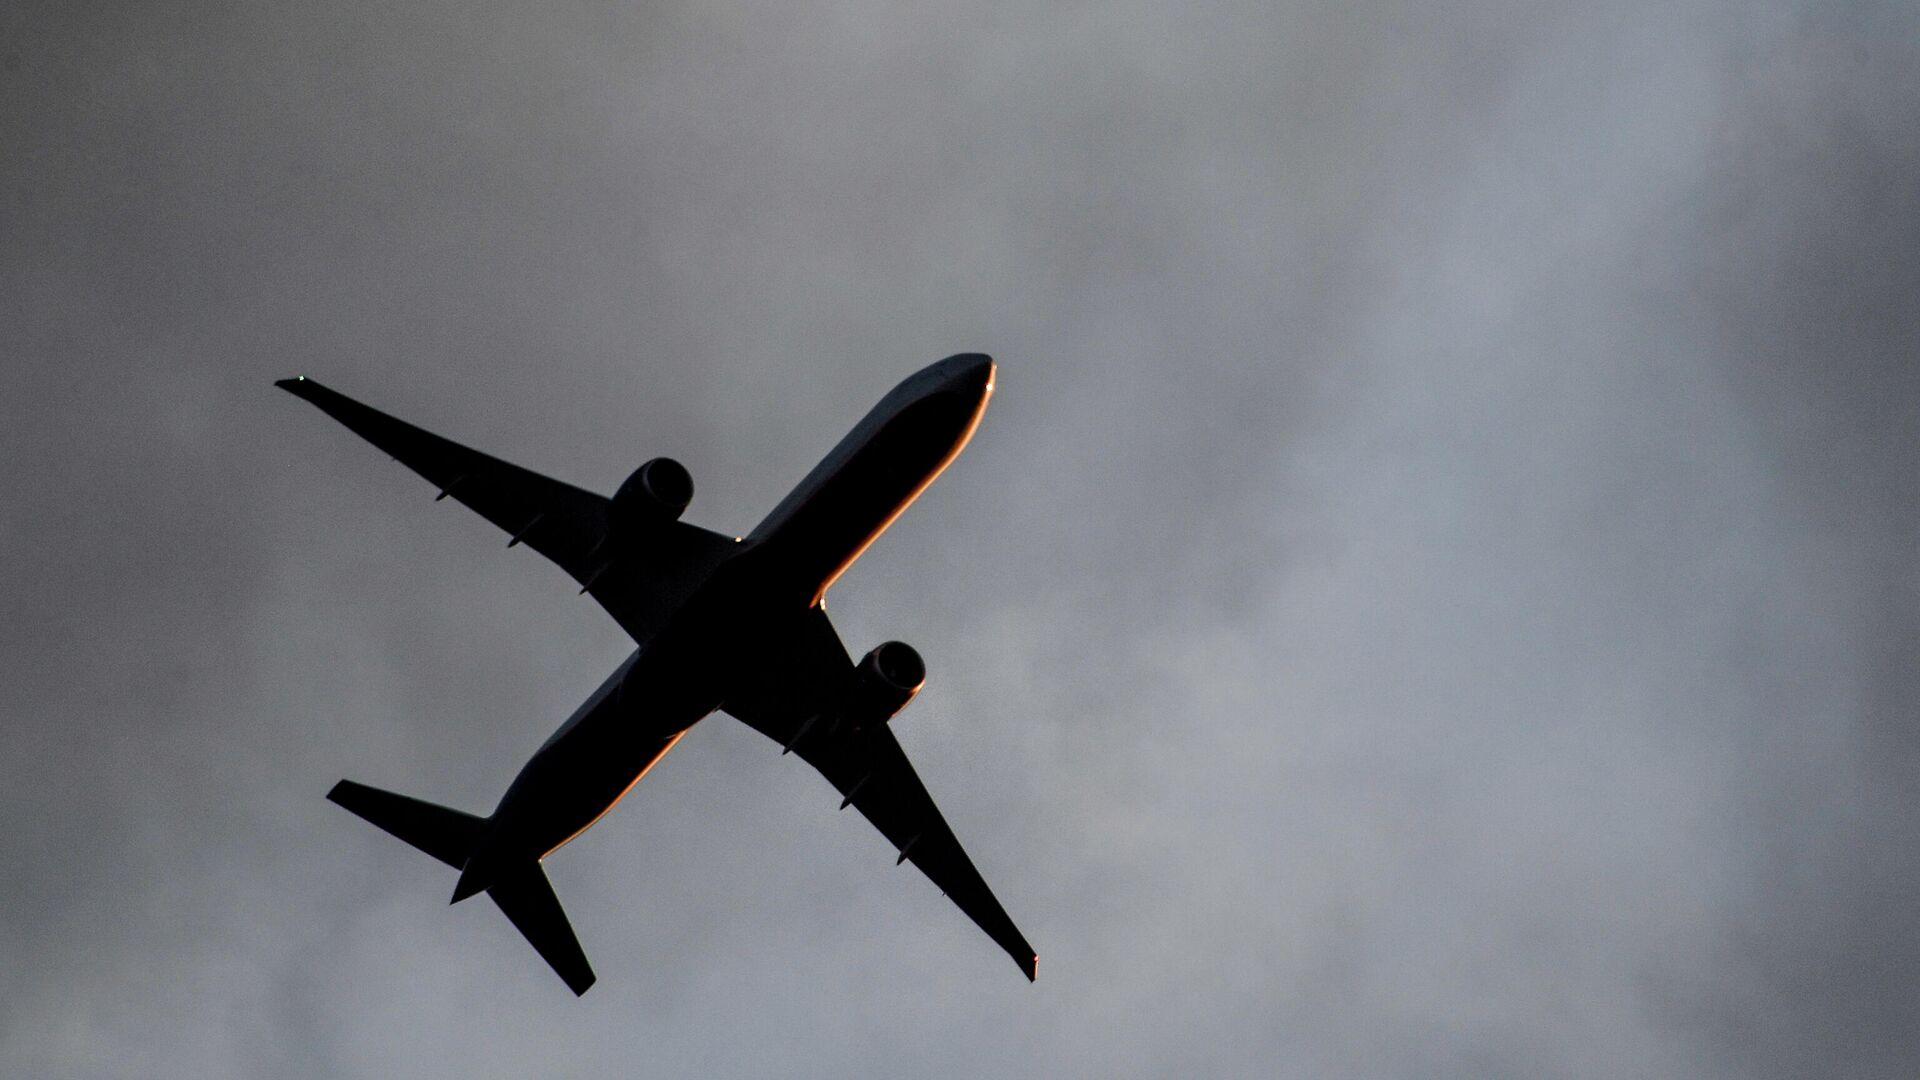 Россия и ОАЭ создадут пассажирский сверхзвуковой самолет